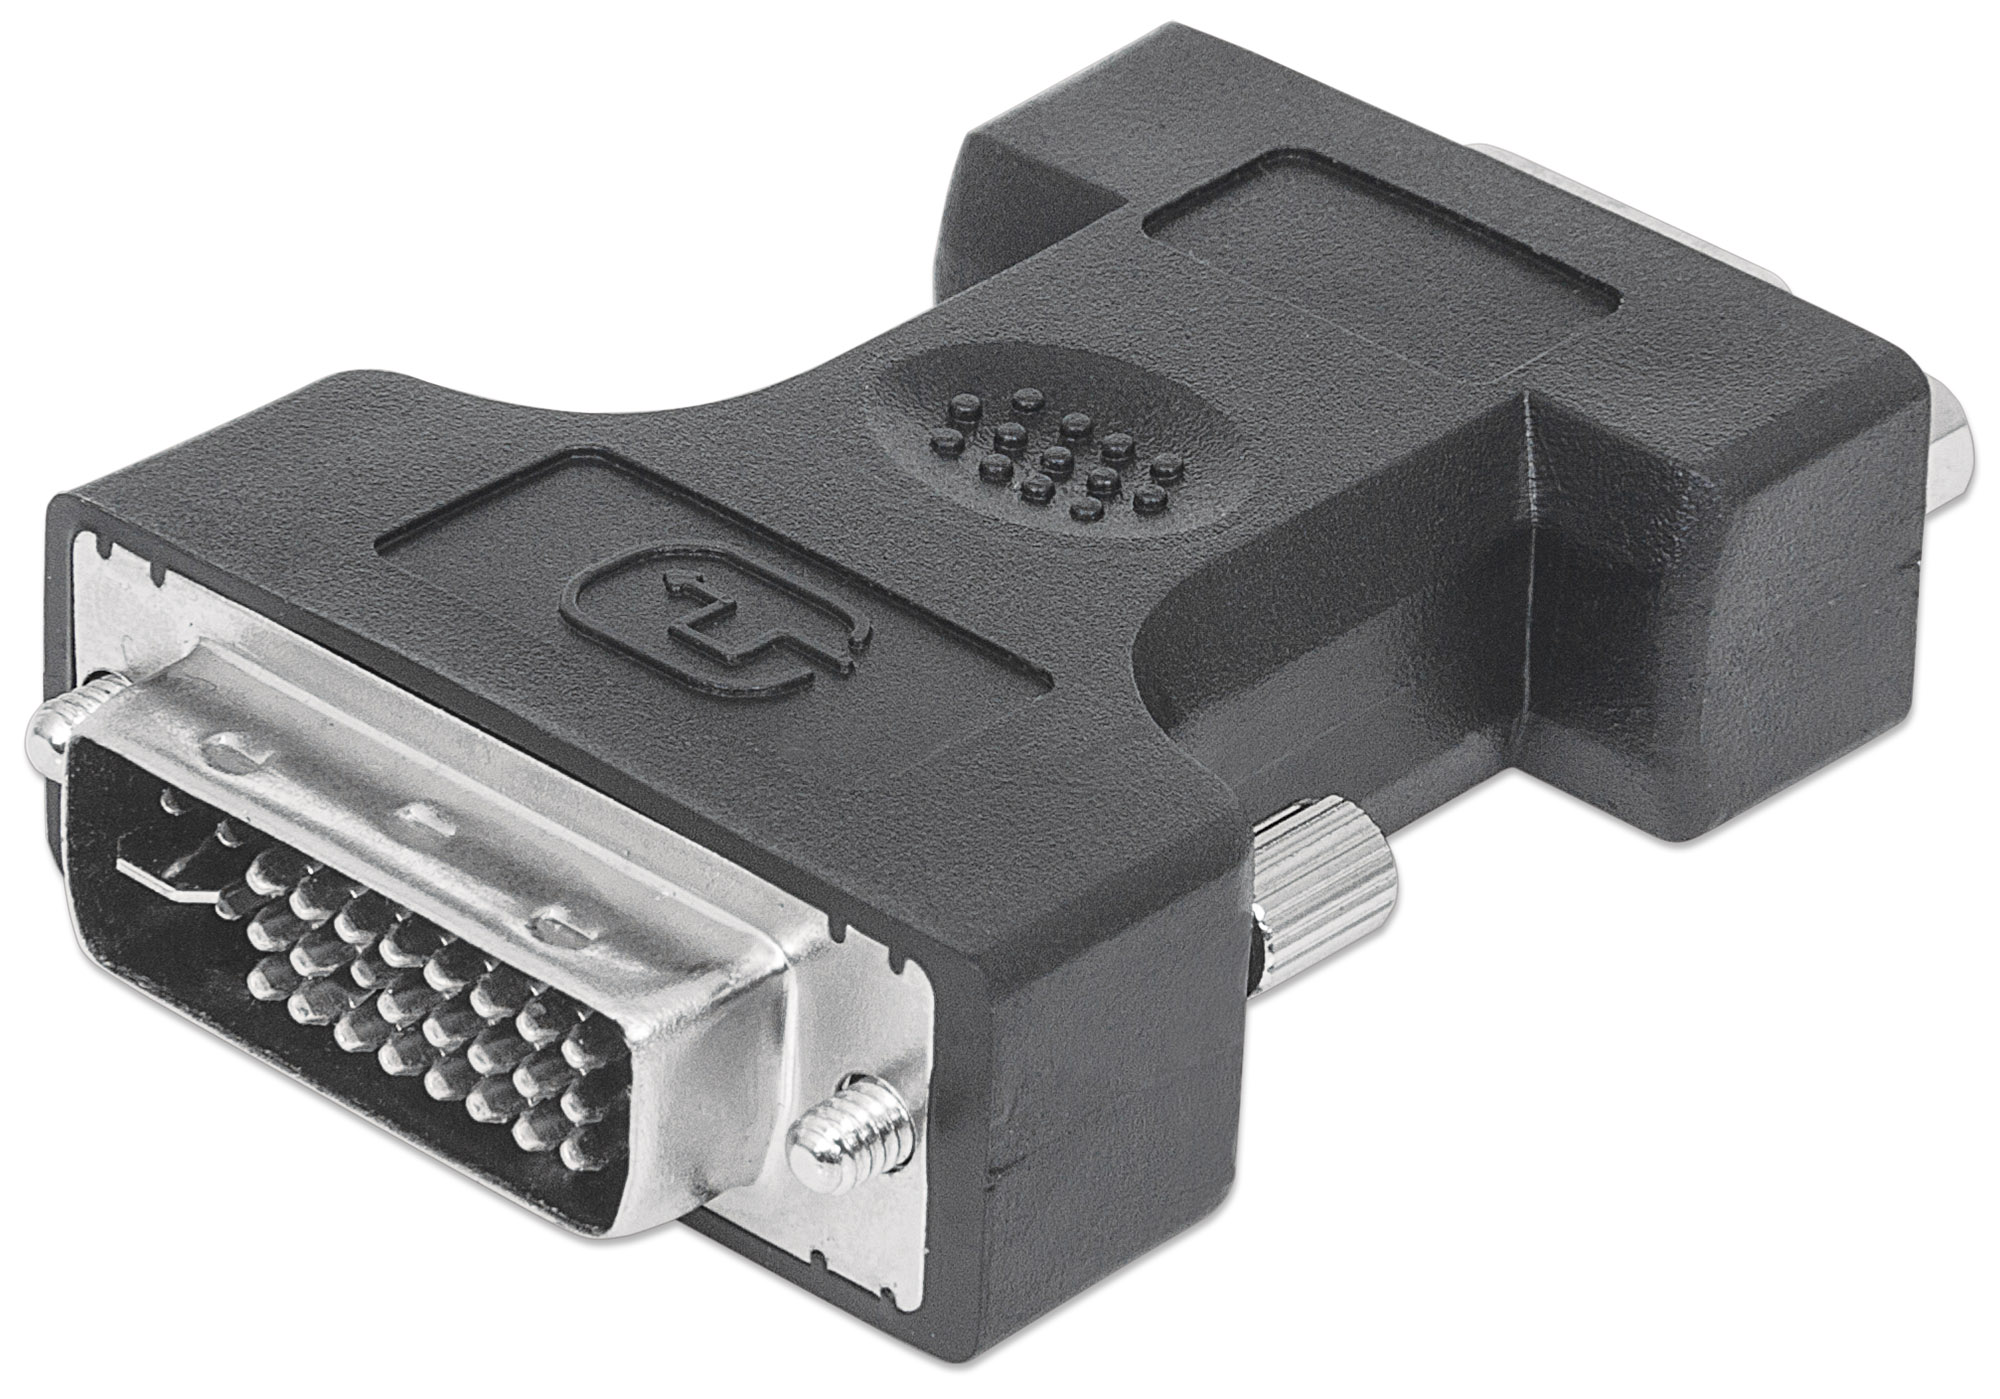 Digital Video Adapter